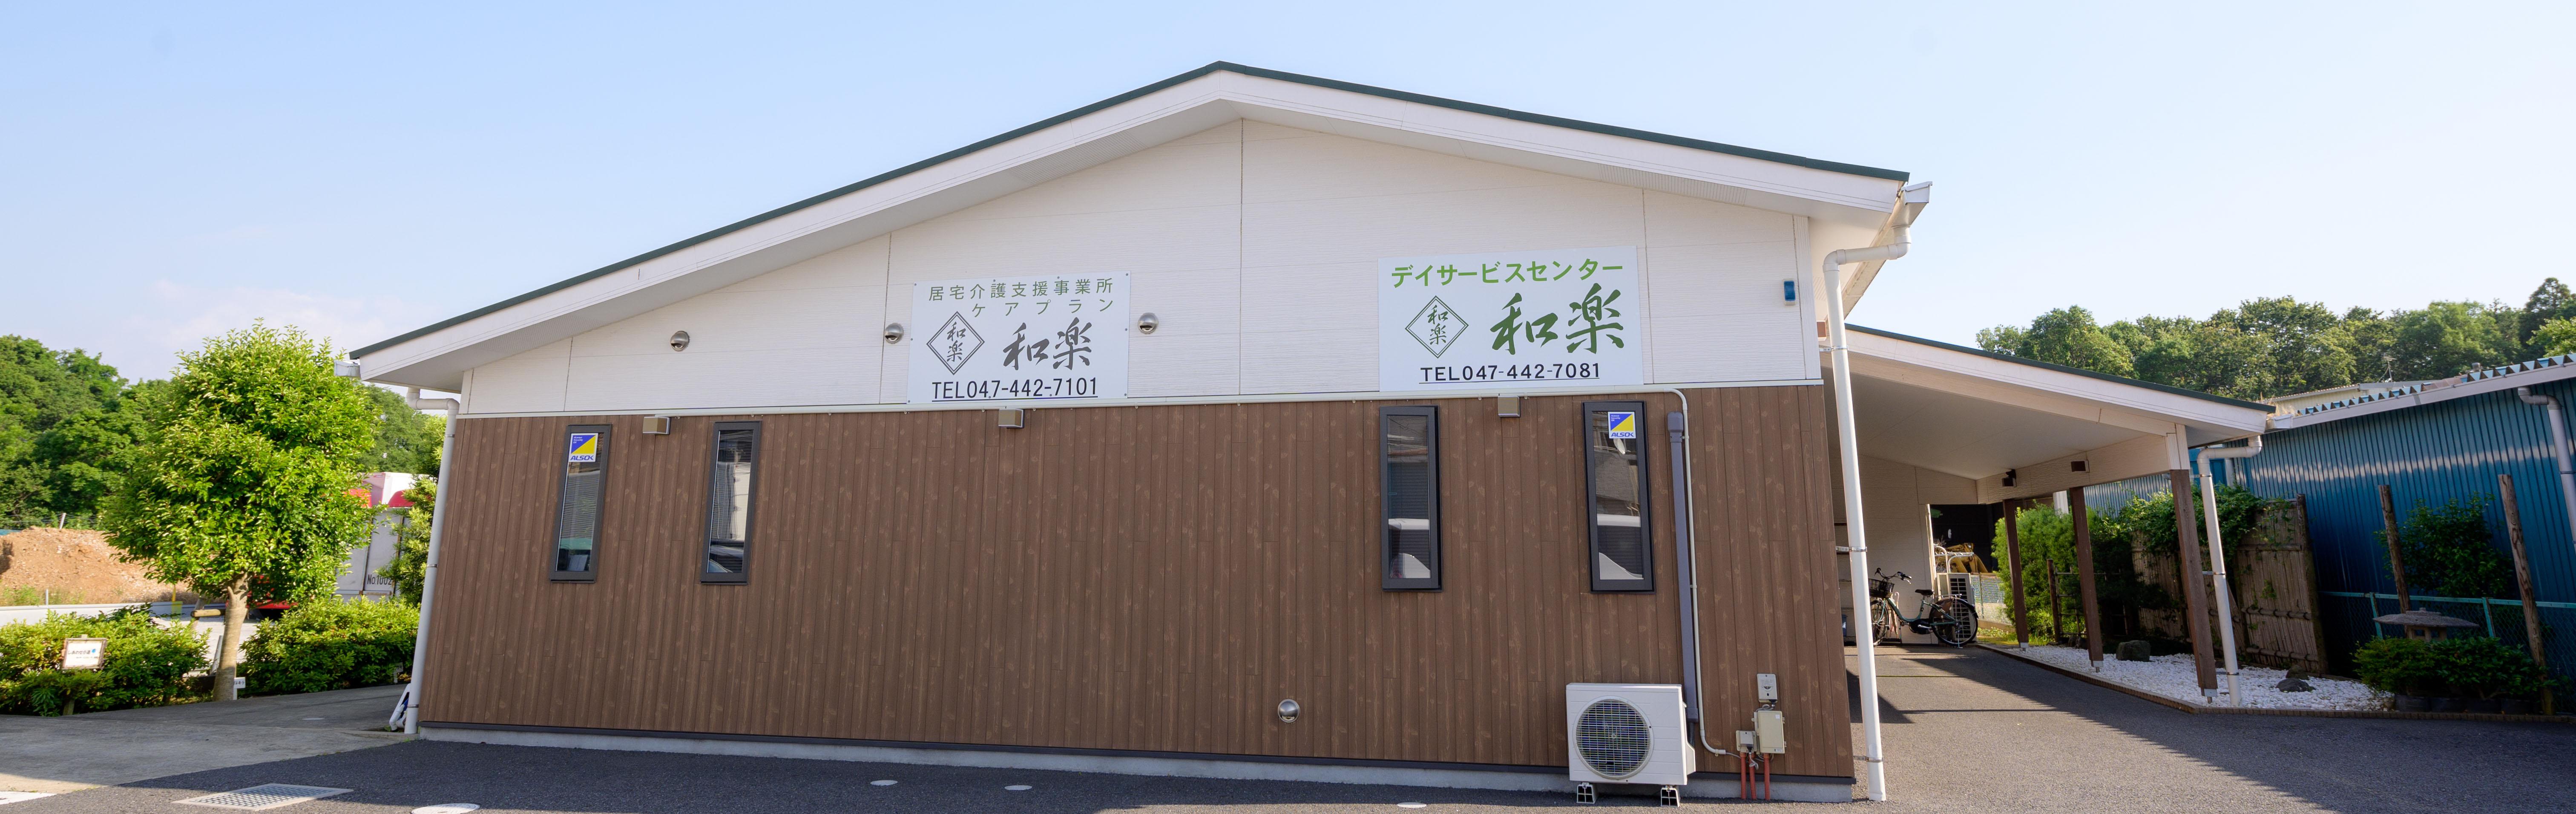 デイサービスセンター和楽弐番館